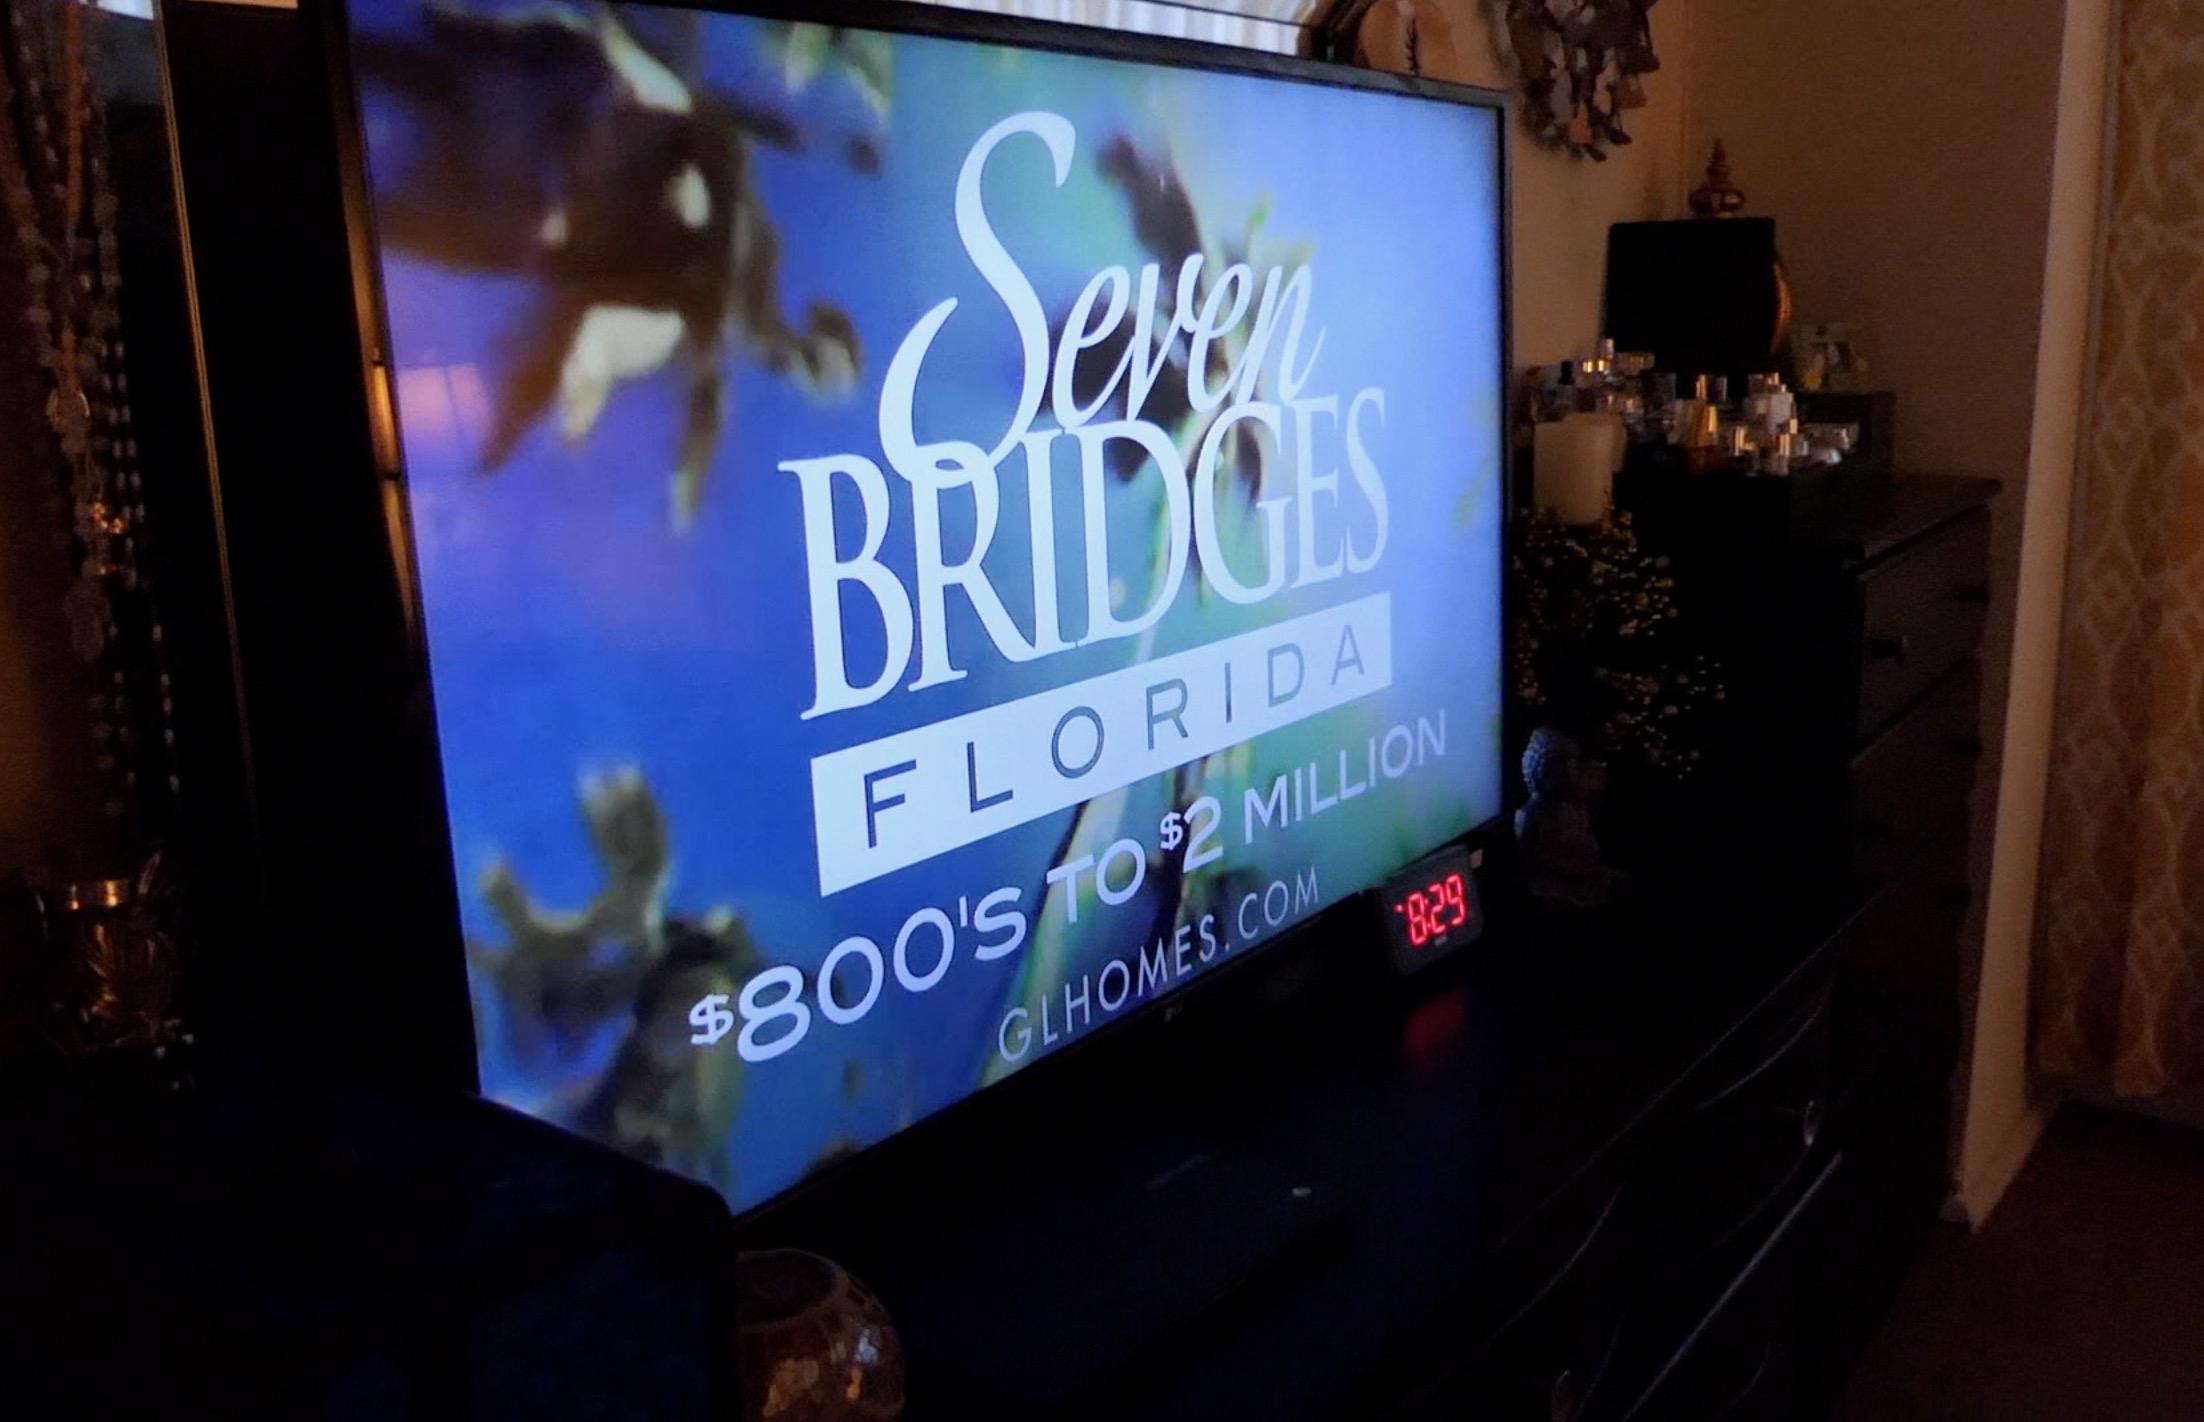 Seven Bridges tv ad